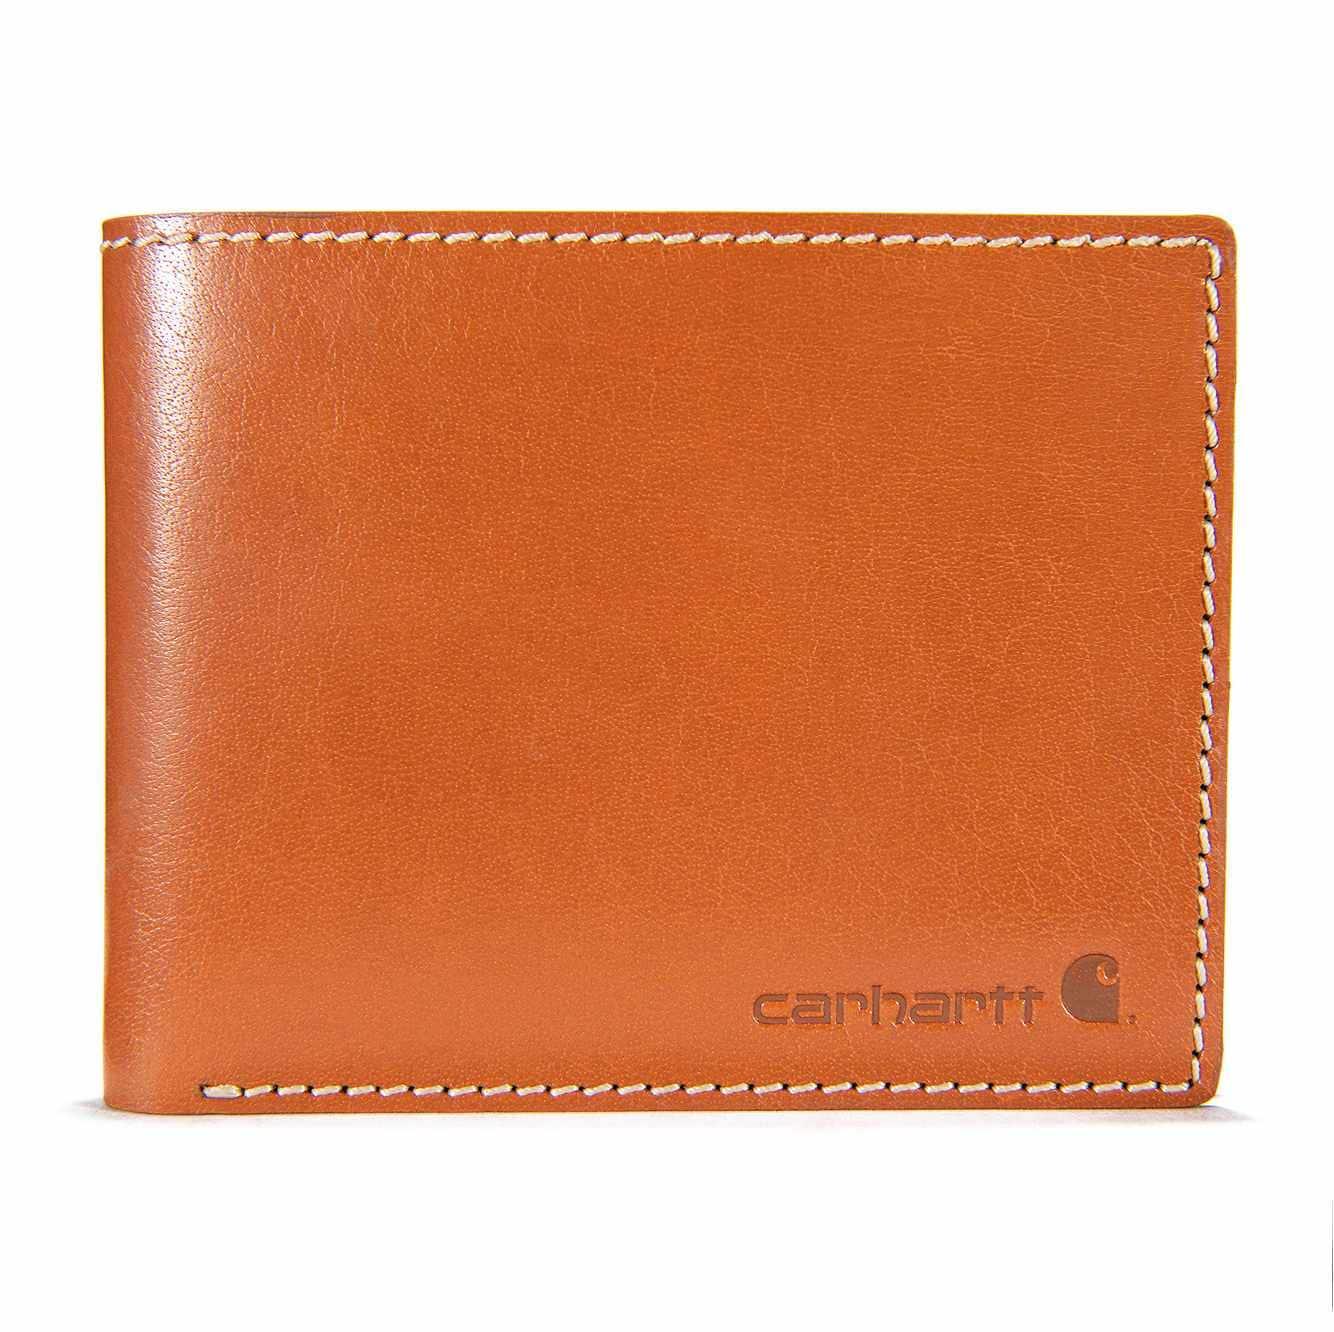 Carhartt Rough Cut Bifold Wallet